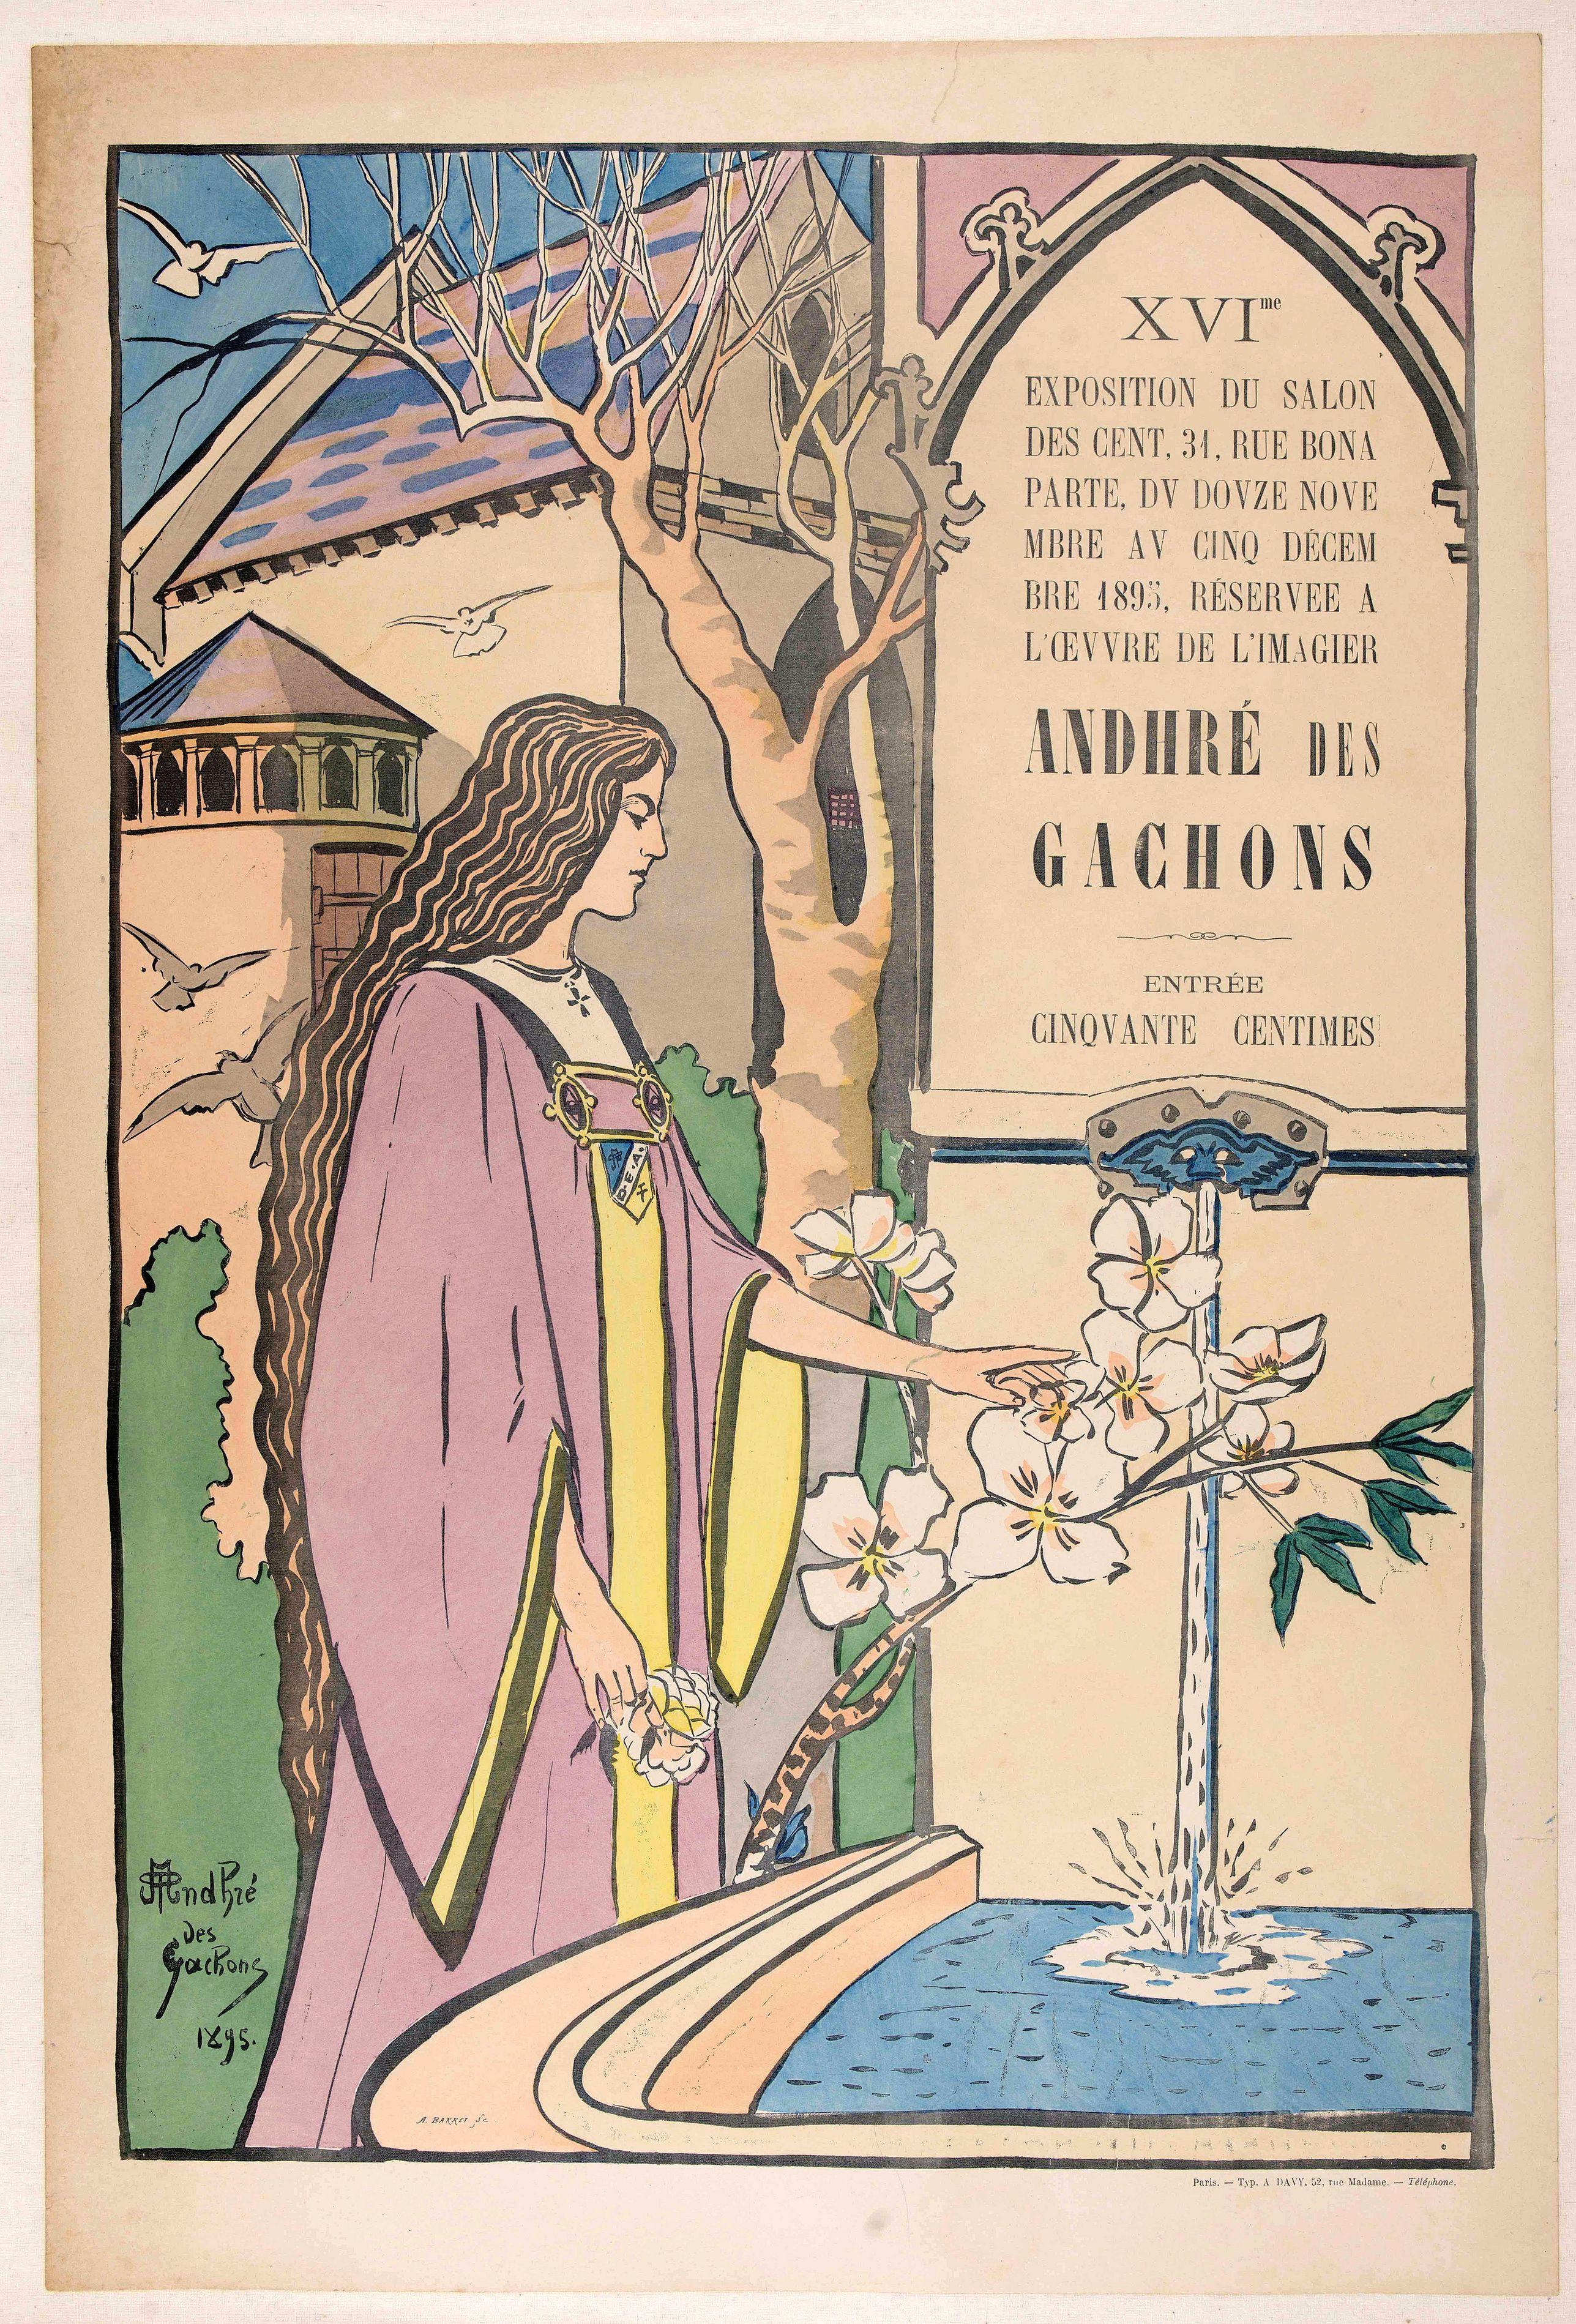 ANDHRE DES GACHONS. -  Exposition Salon des Cent, 31, rue Bonaparte, du douze novembre au cinq décembre1895, réservée à l'œuvre de l'imagier Andhré des Gachons.